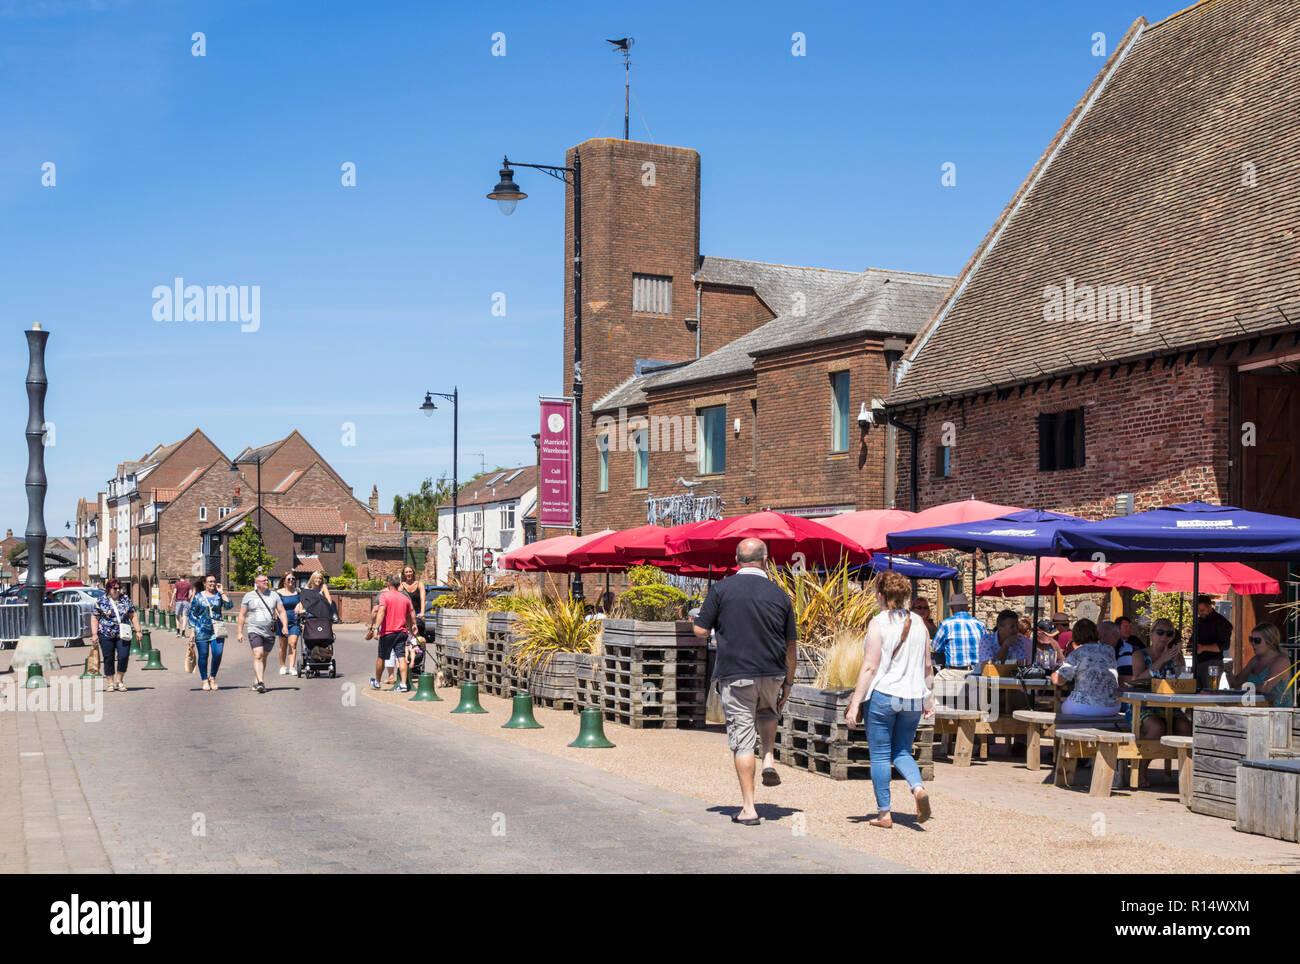 King's Lynn, Norfolk Les gens en passant devant l'hôtel Marriott's Warehouse a16ème siècle avec un entrepôt de South Quay restaurant King's Lynn Angleterre GO UK Europe Photo Stock